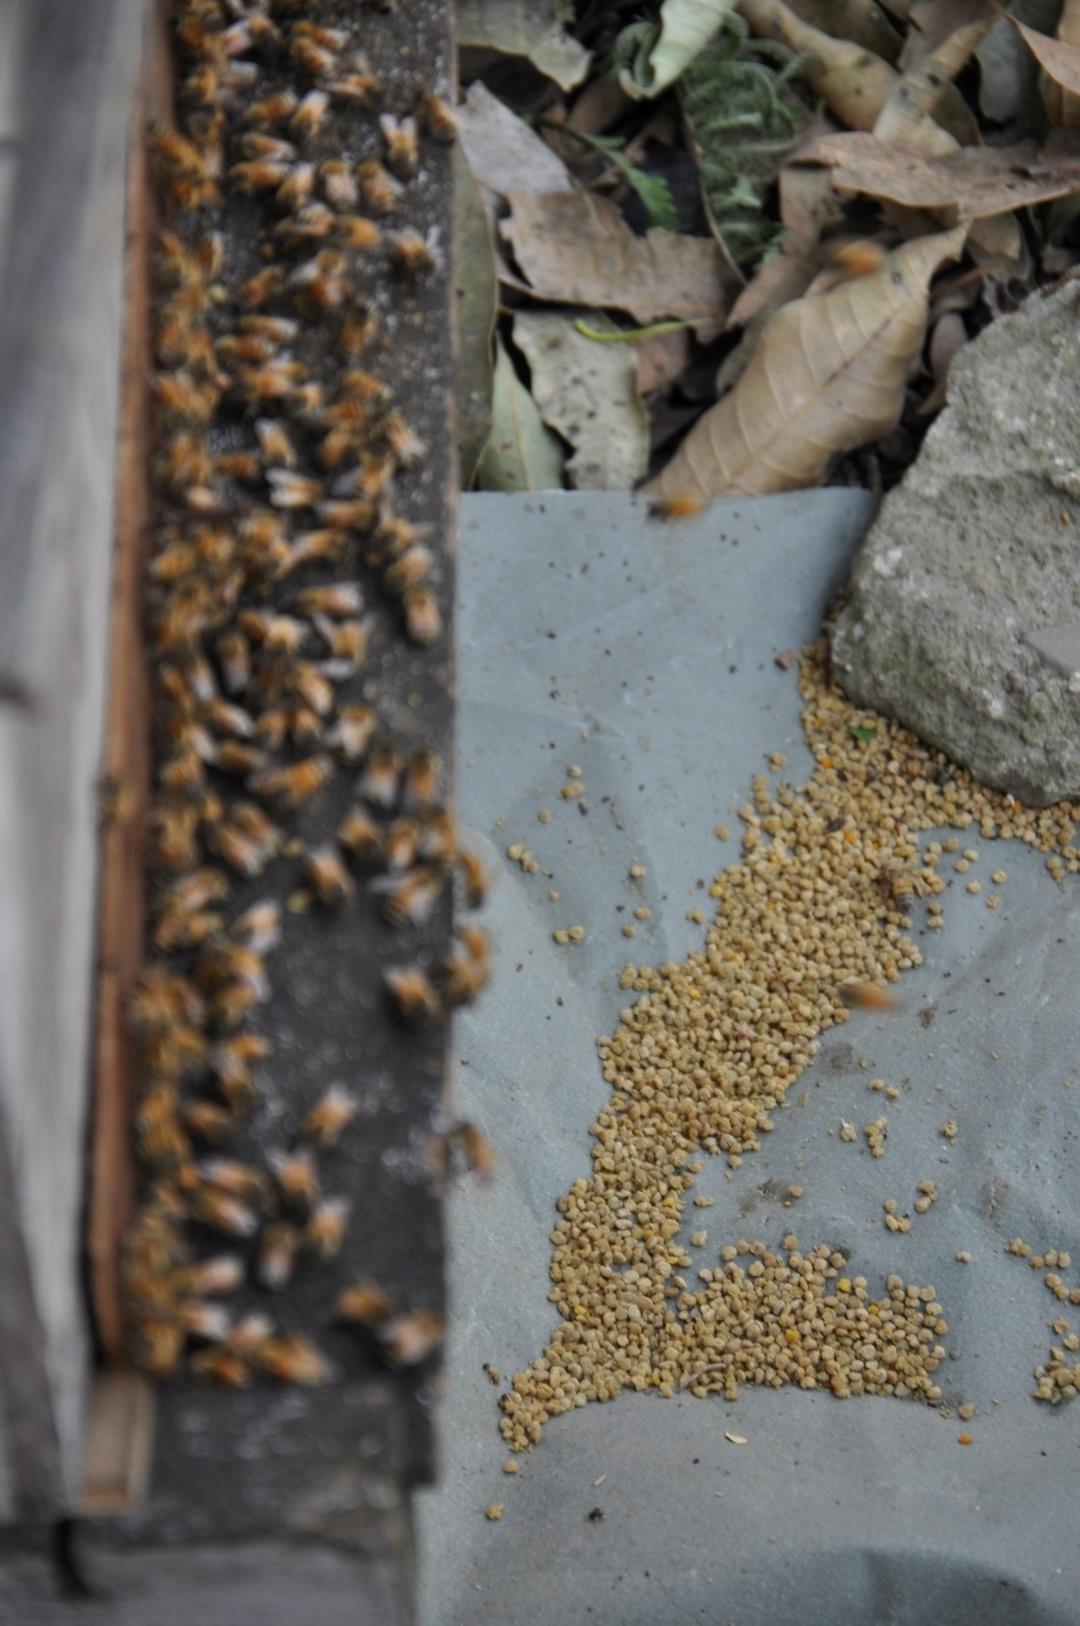 Spent pollen sacs